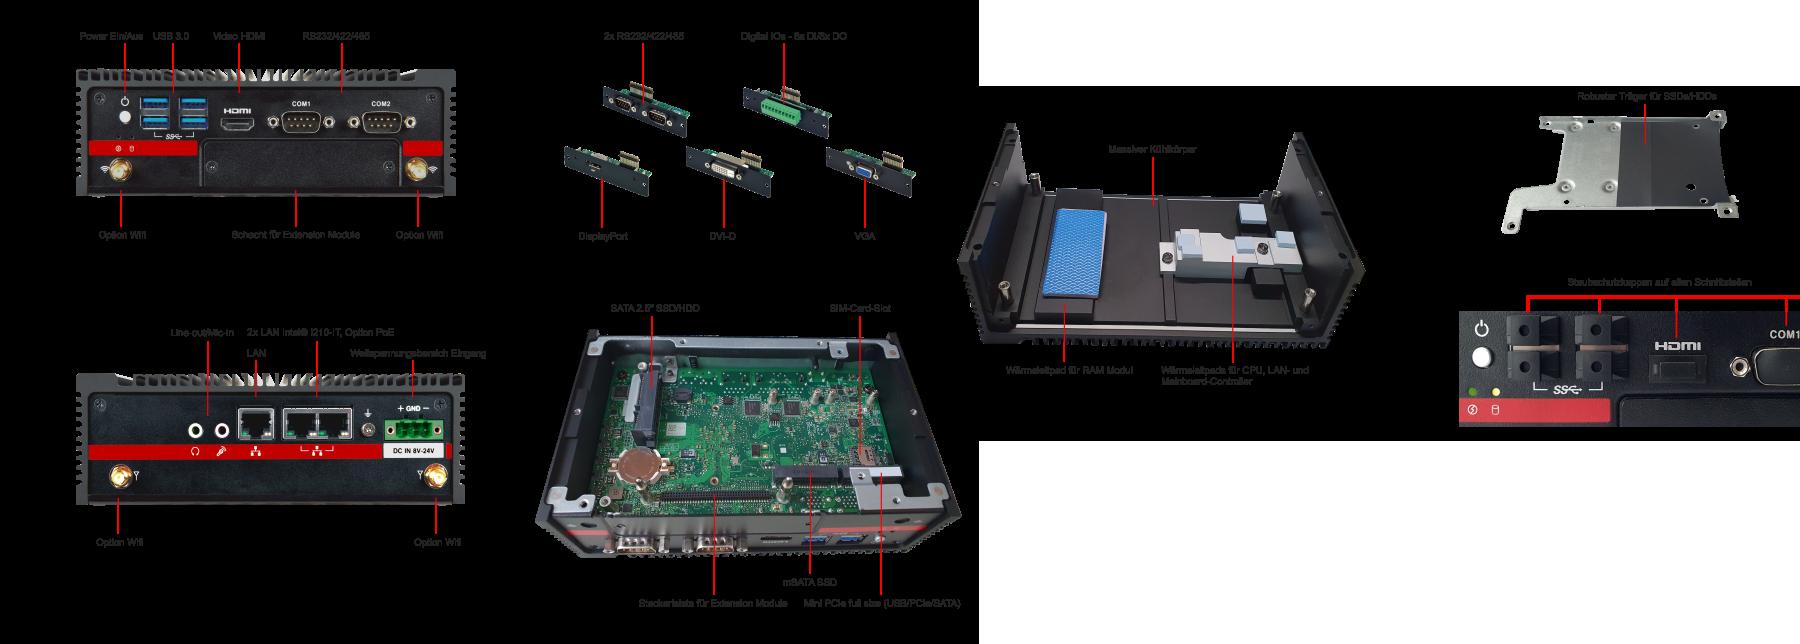 ipc-core Industrie-PC Extension C-S4_Aktion